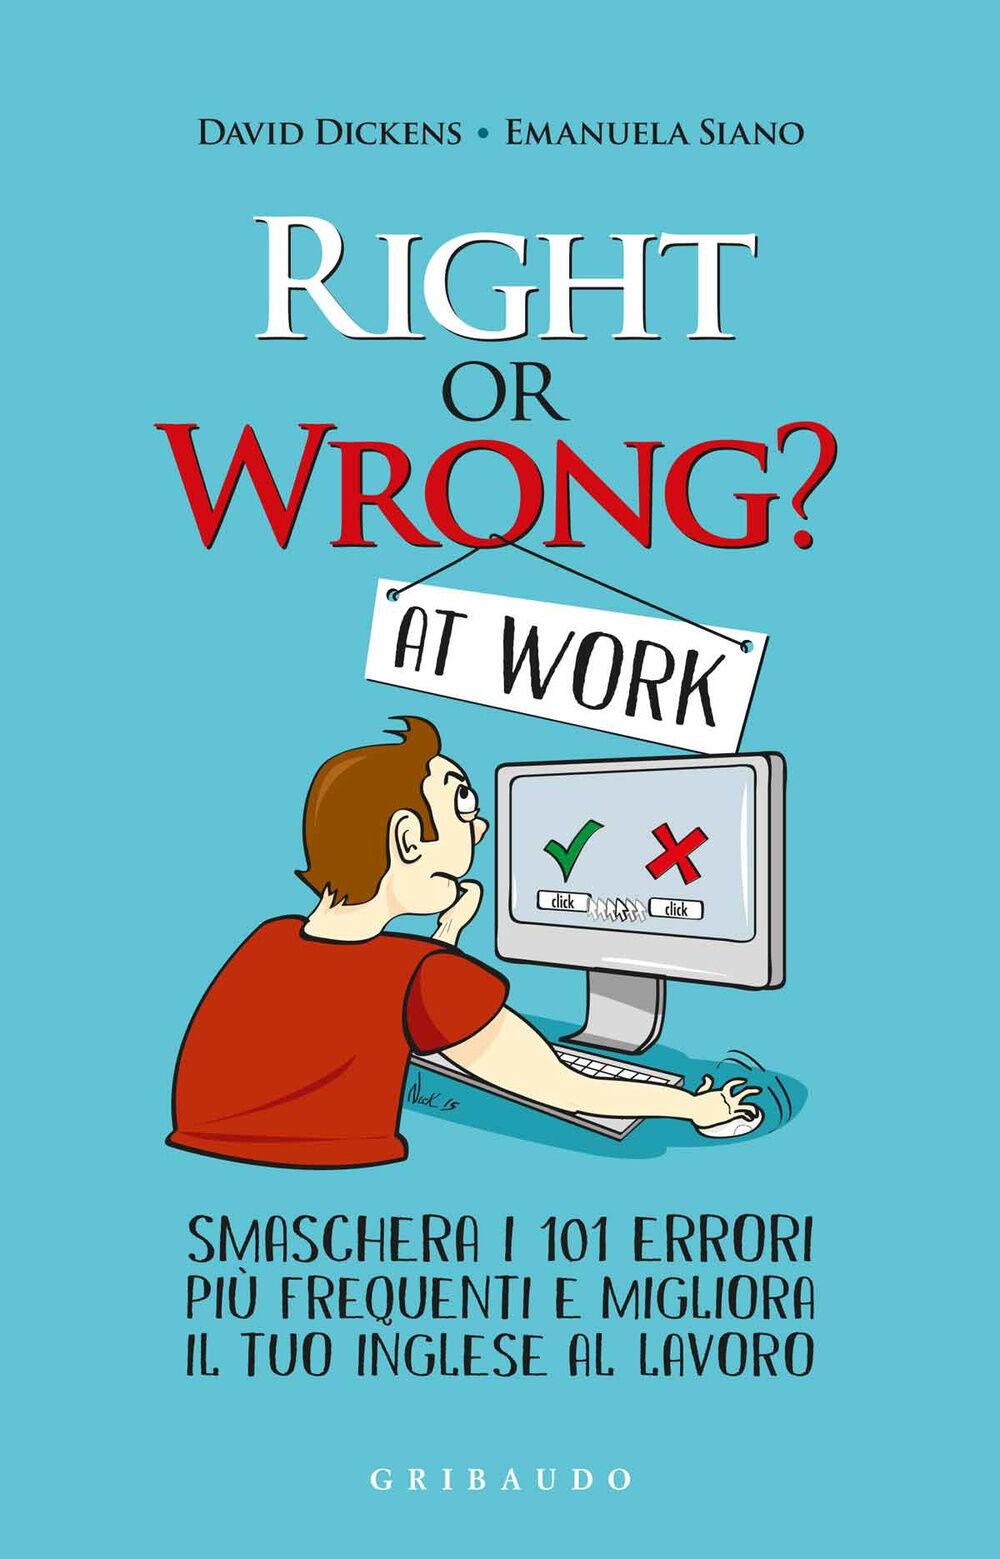 Right or wrong? Smaschera i 101 errori più frequenti e migliora il tuo inglese al lavoro